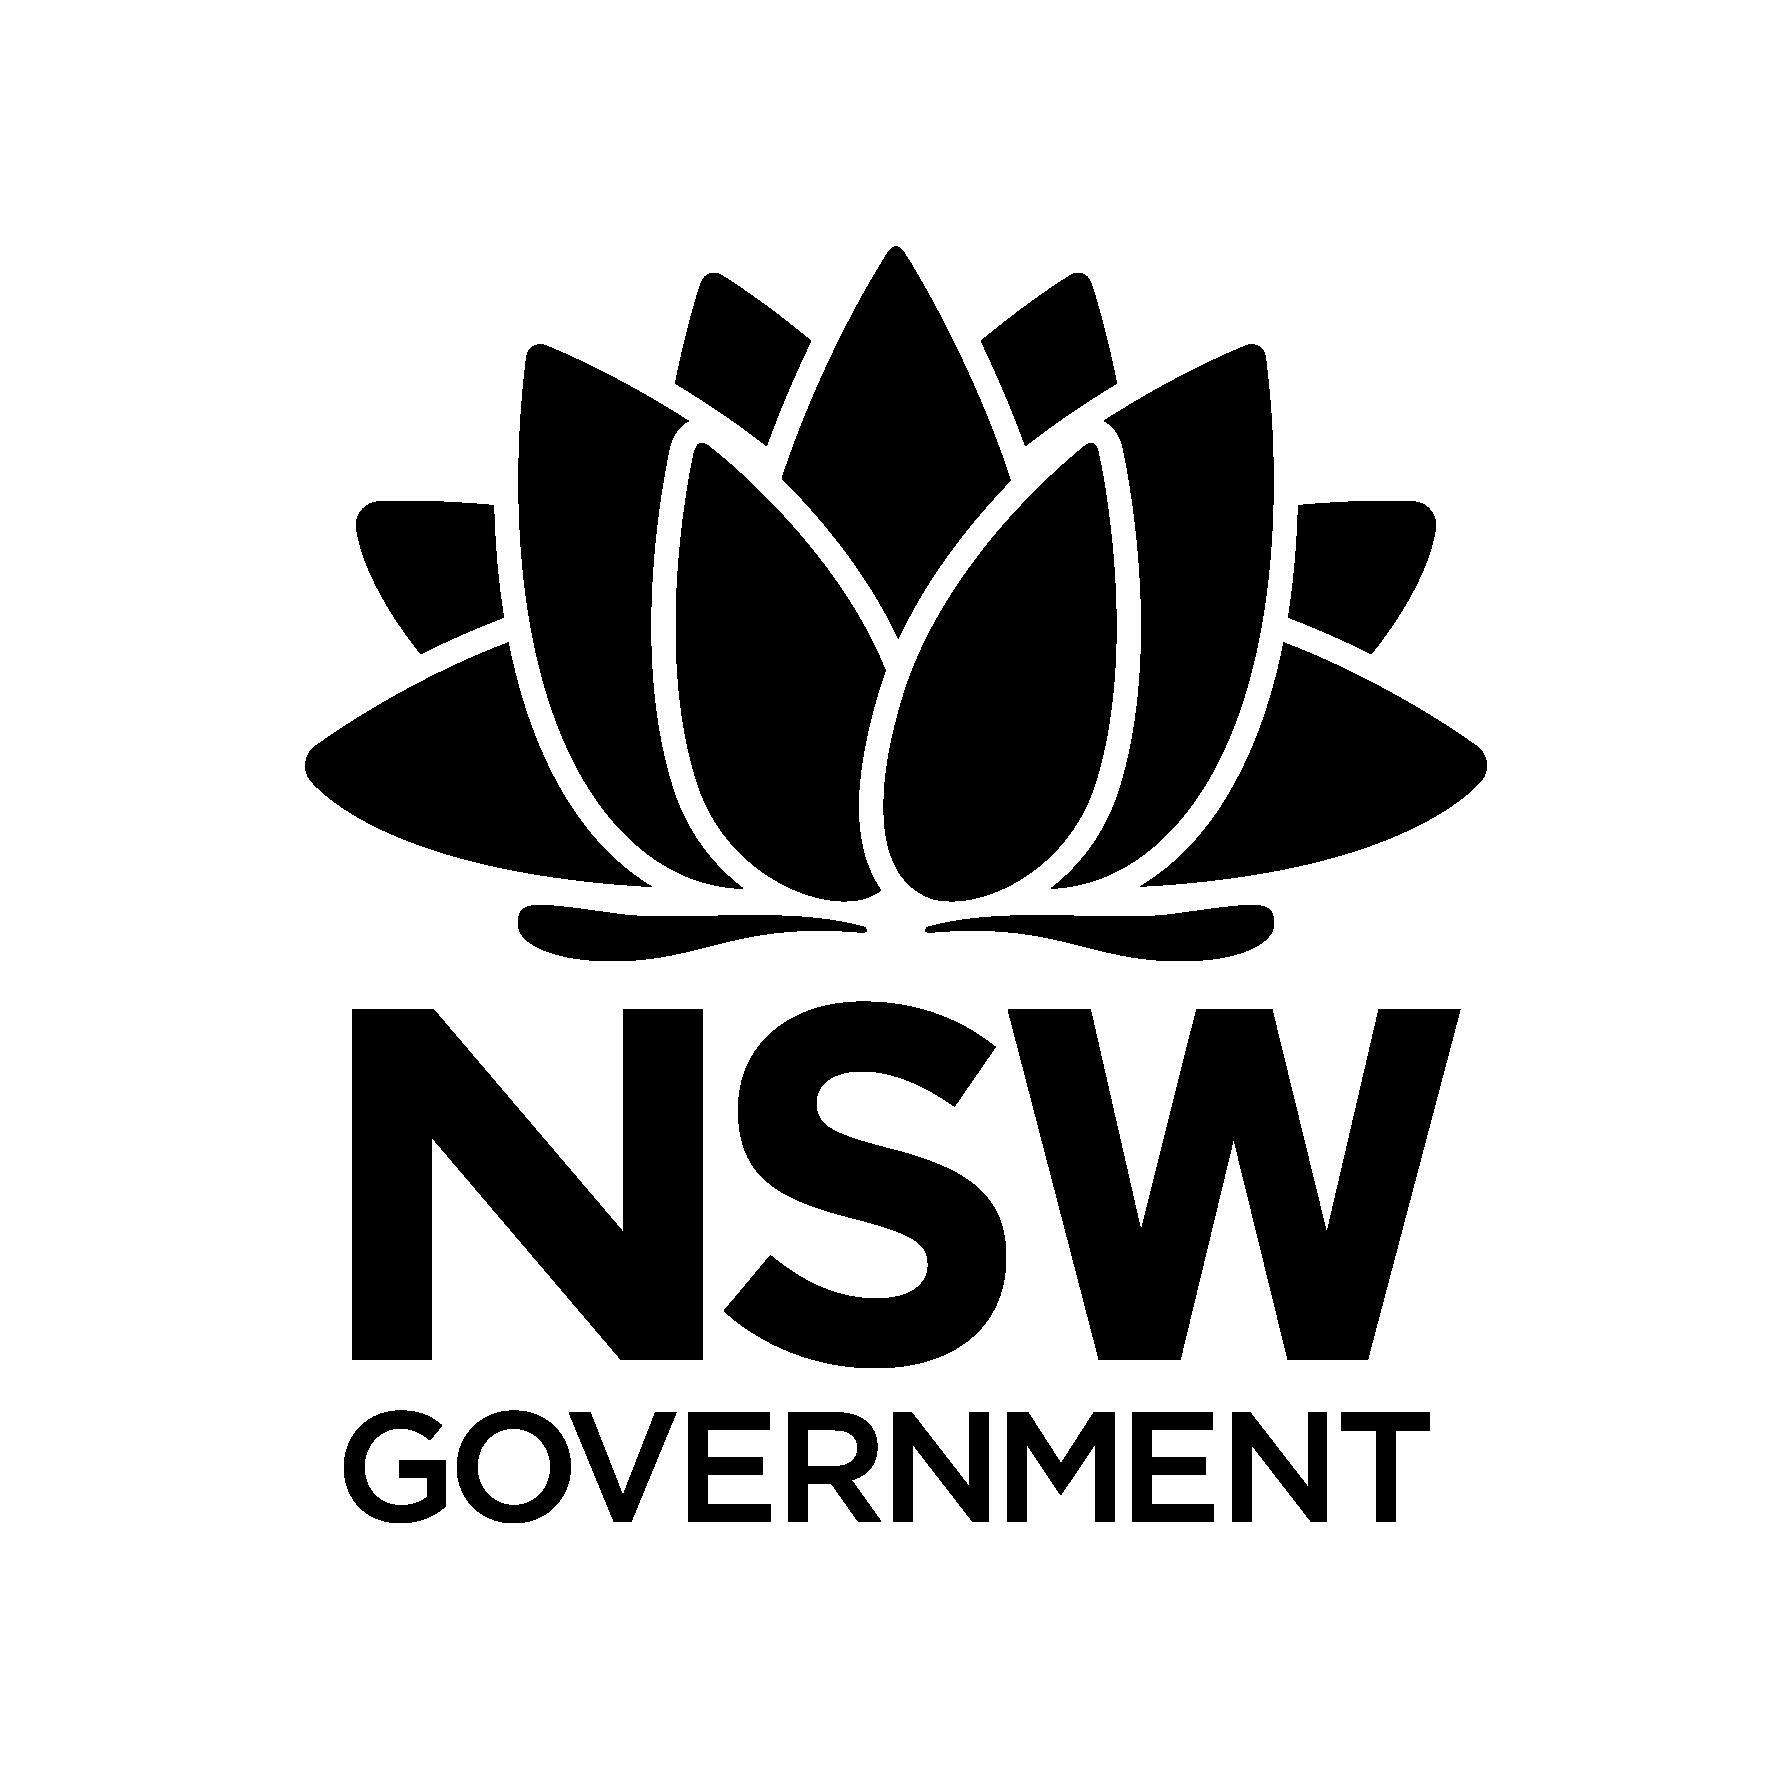 Waratah NSWGovt black.png